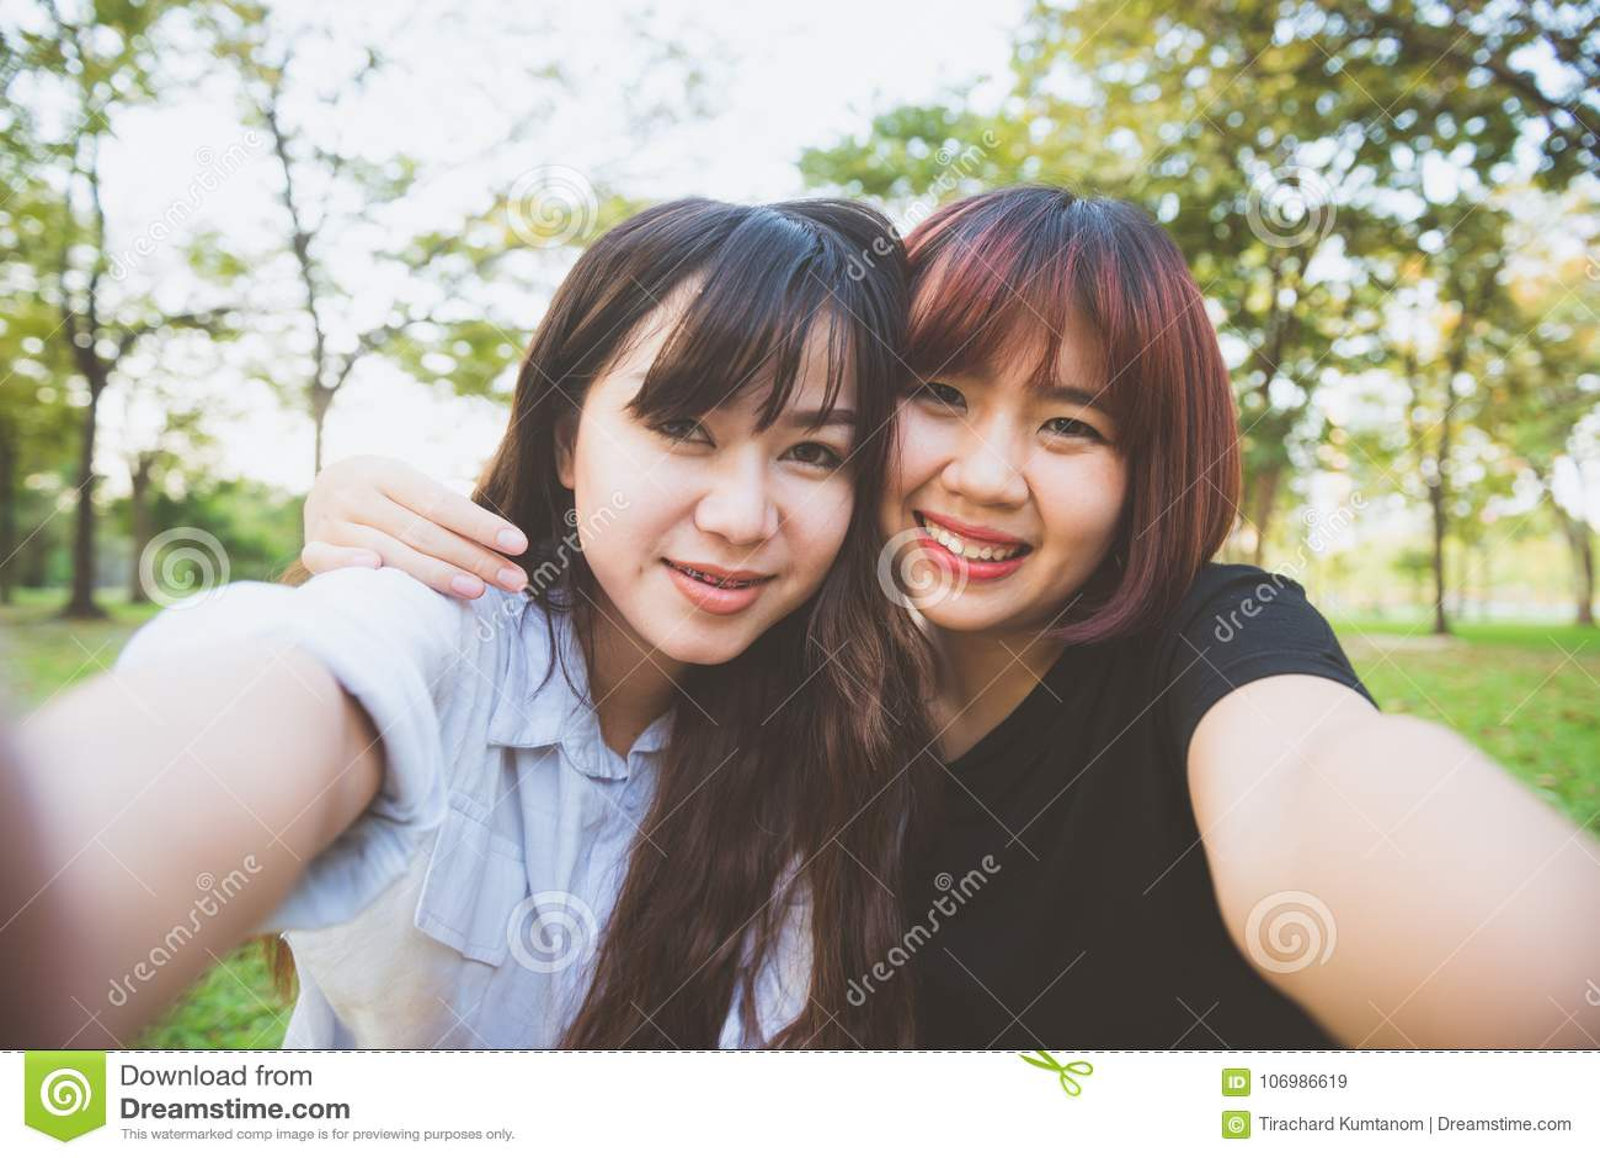 College Lesbian Best Friends